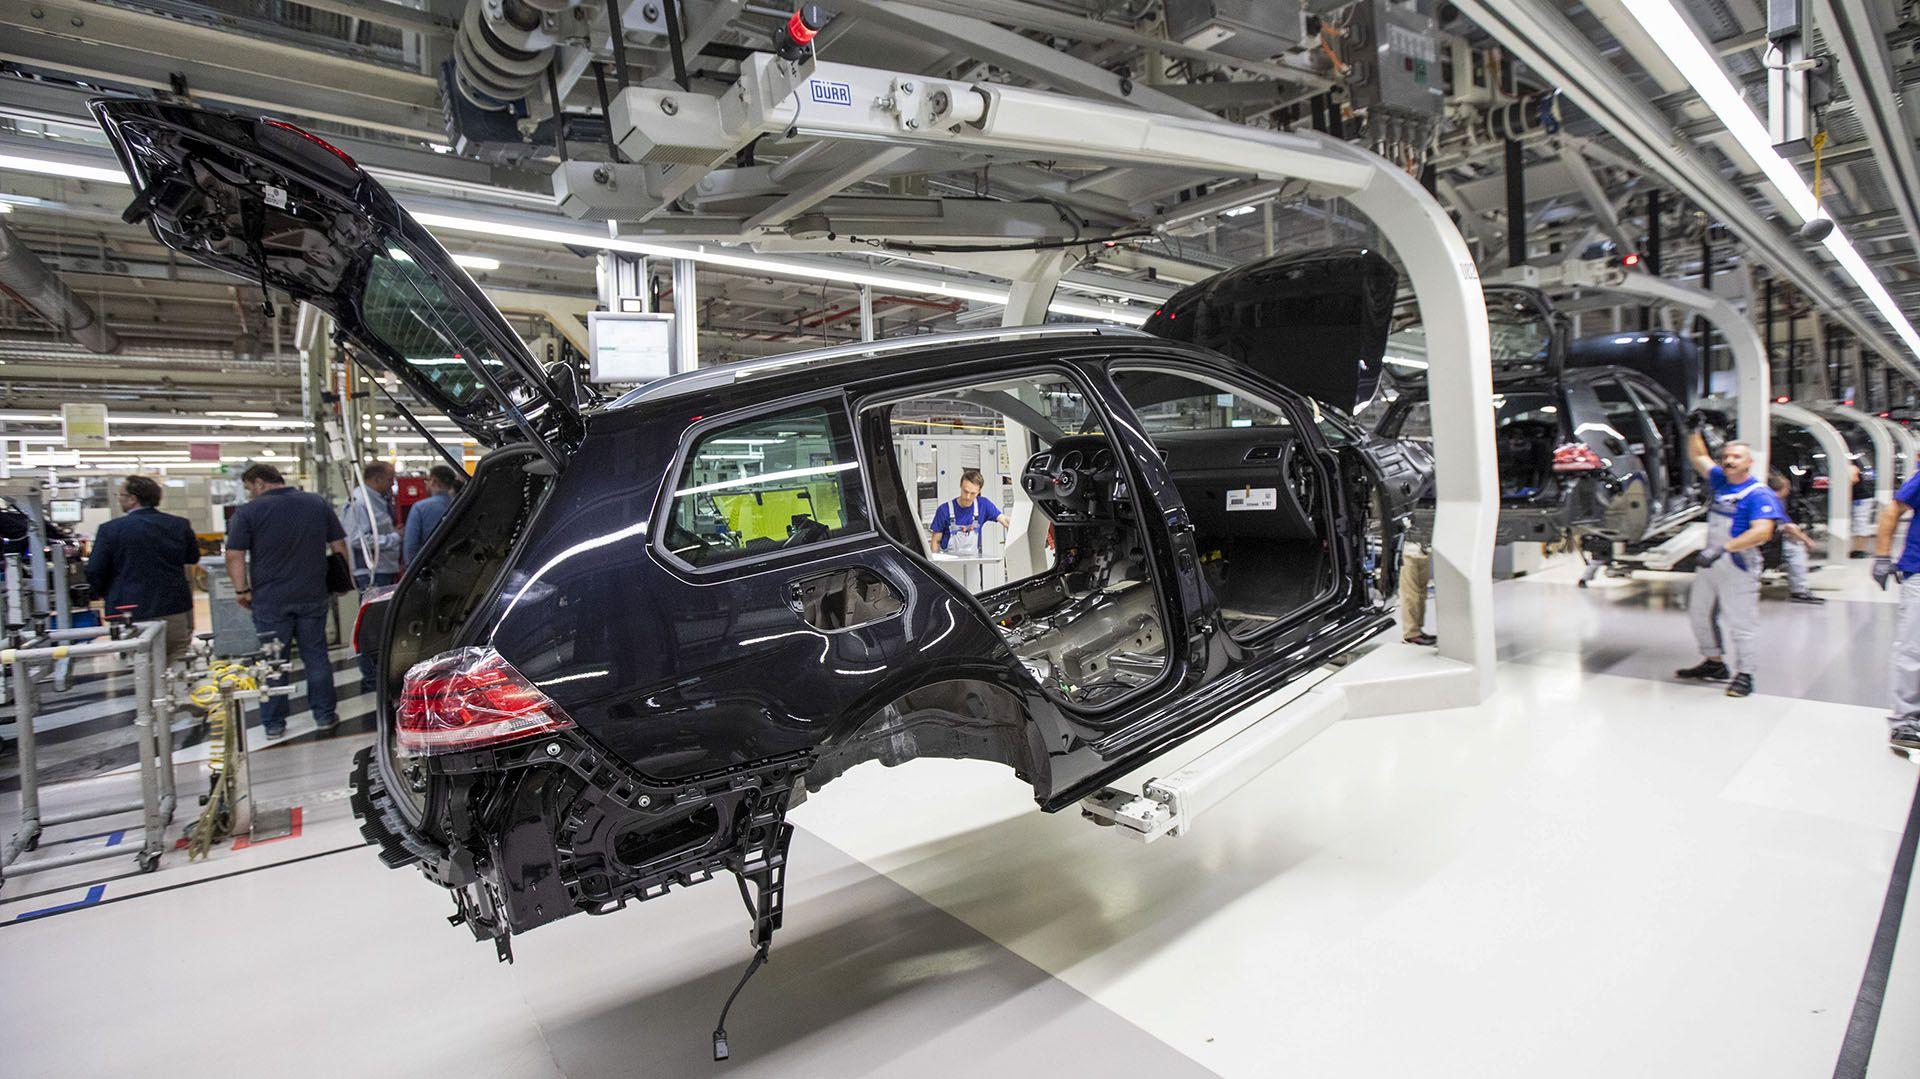 La industria automotriz está realizando avances hacia los vehículos no contaminantes